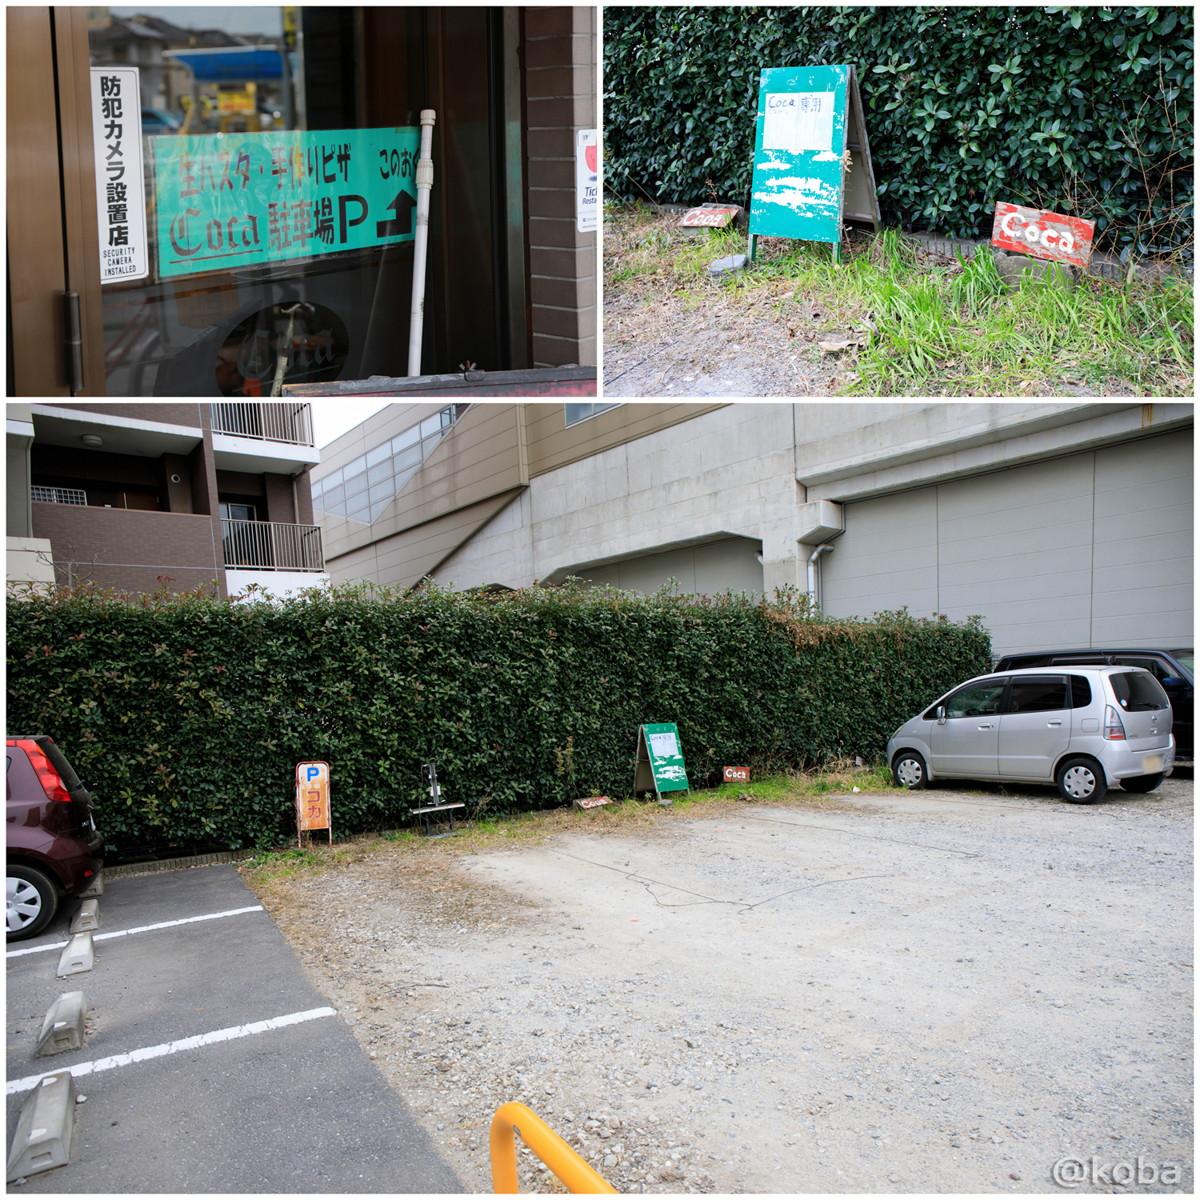 コカ専用駐車場三台があるので便利 千葉 鎌ヶ谷 Coca(コカ) 生パスタ 手づくりピザ │こばフォトブログ